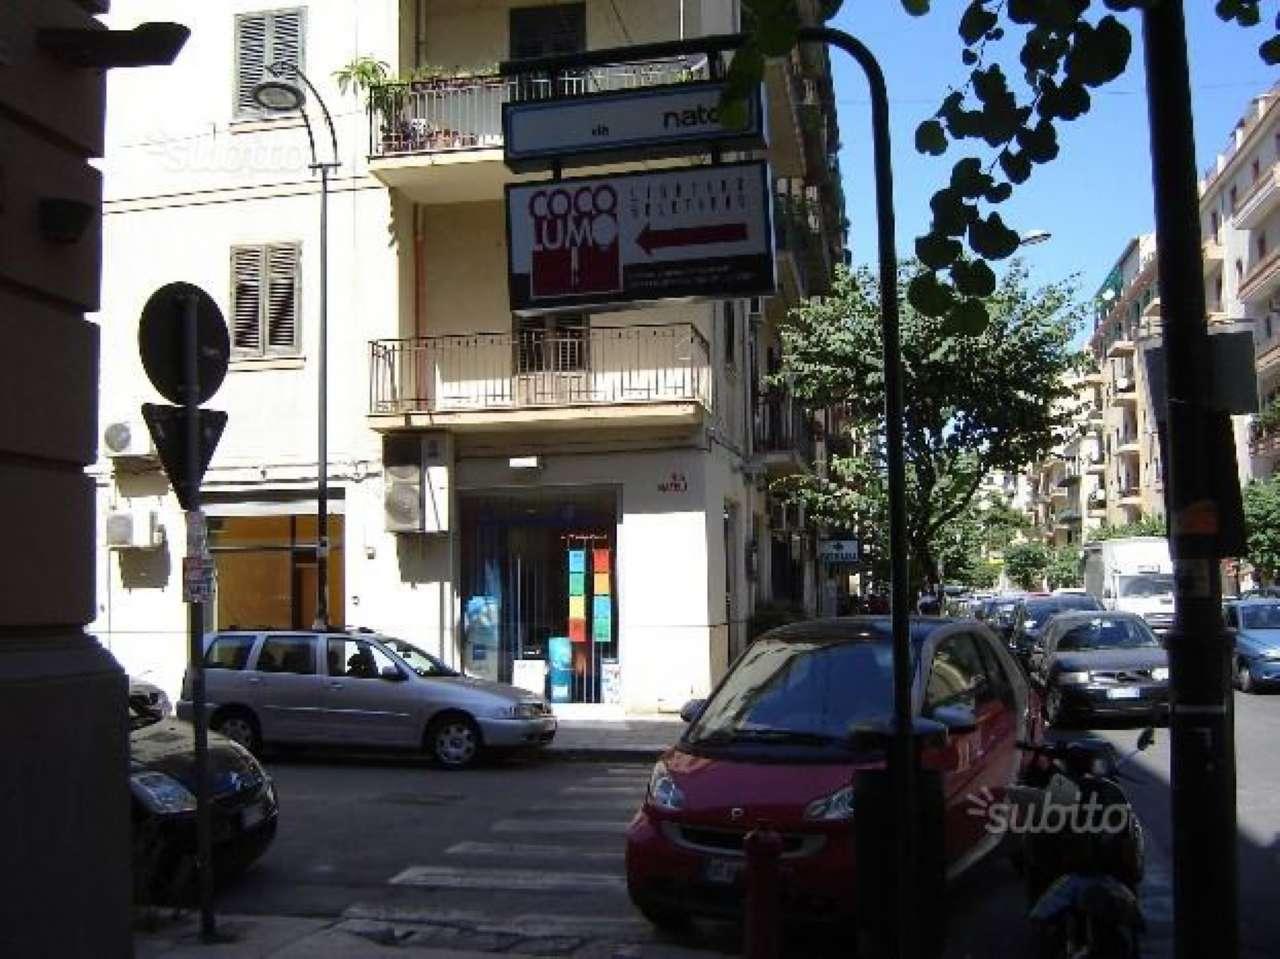 Negozio-locale in Vendita a Palermo: 20 mq